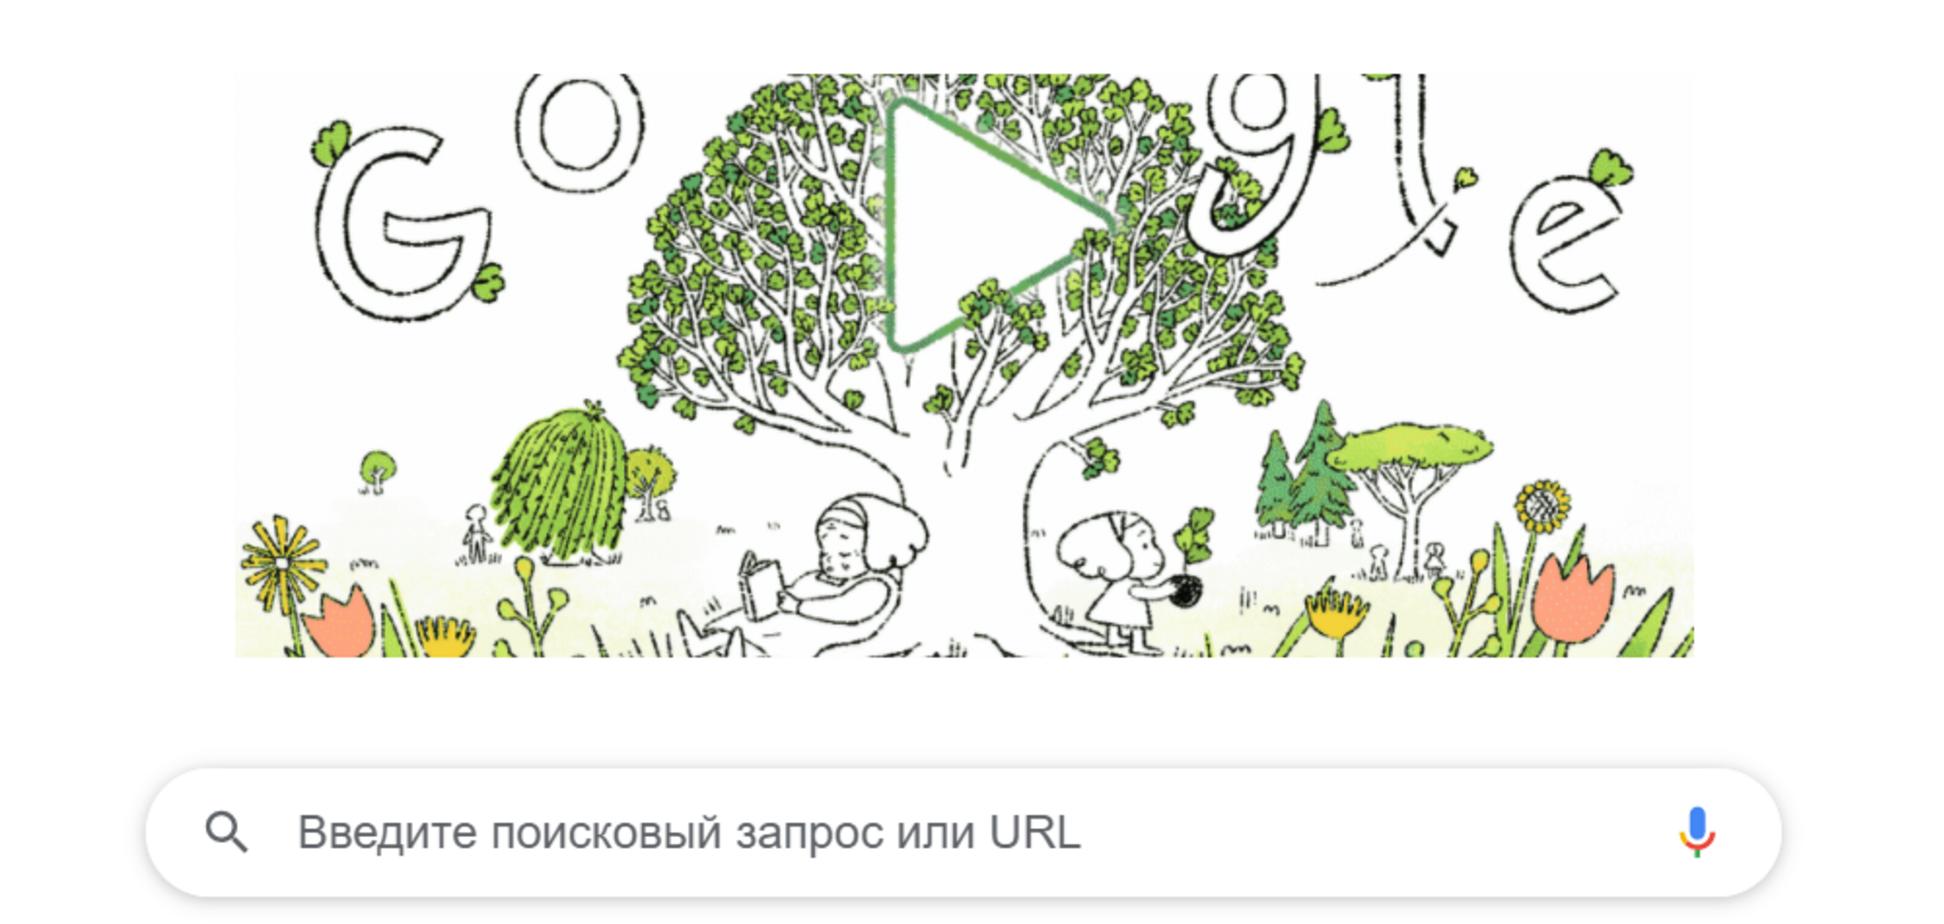 Дудл от Google ко Дню Земли